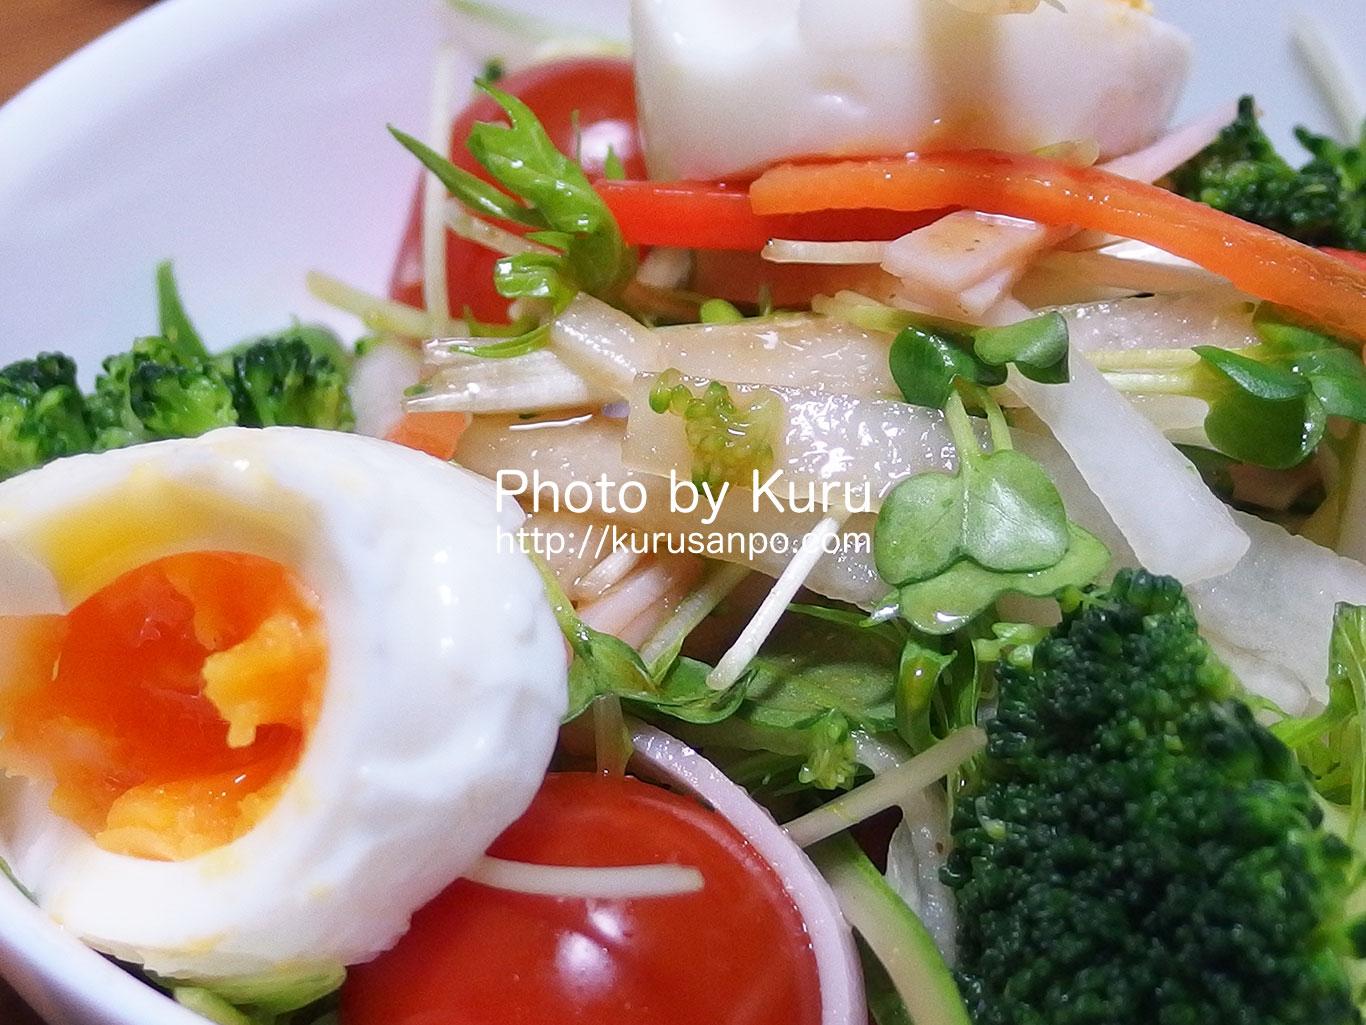 大地を守る会の『お試しセット』の野菜をサラダでいただく♪